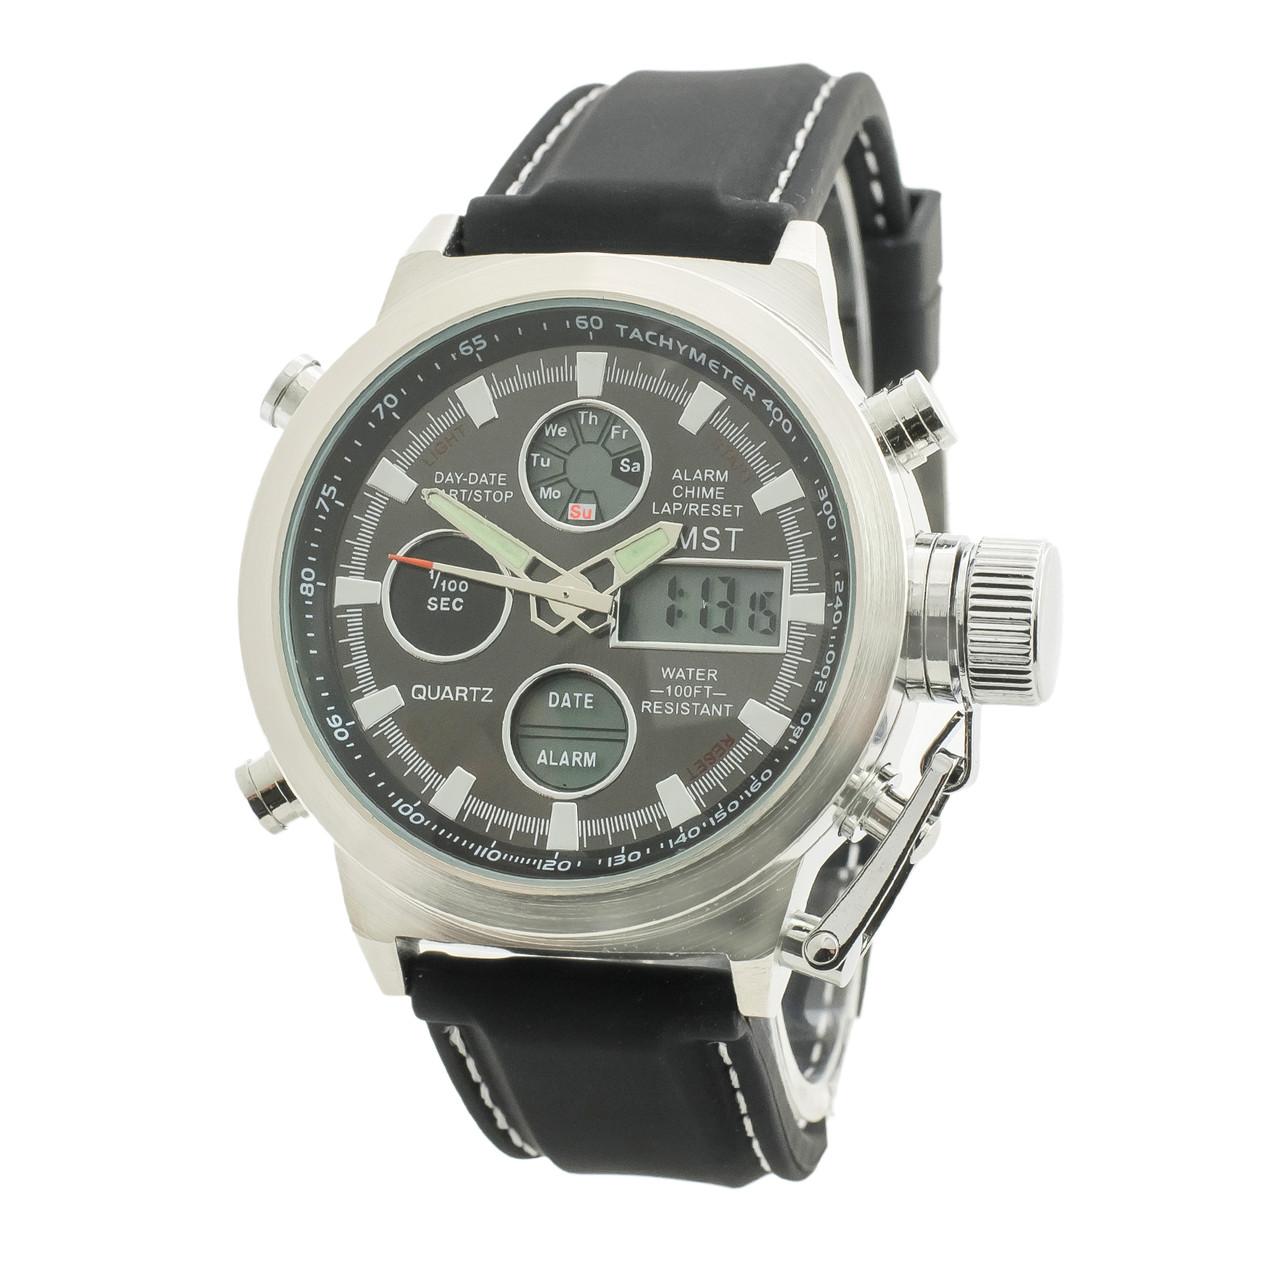 Мужские наручные часы AMST AM3003 Black/Silver/Black